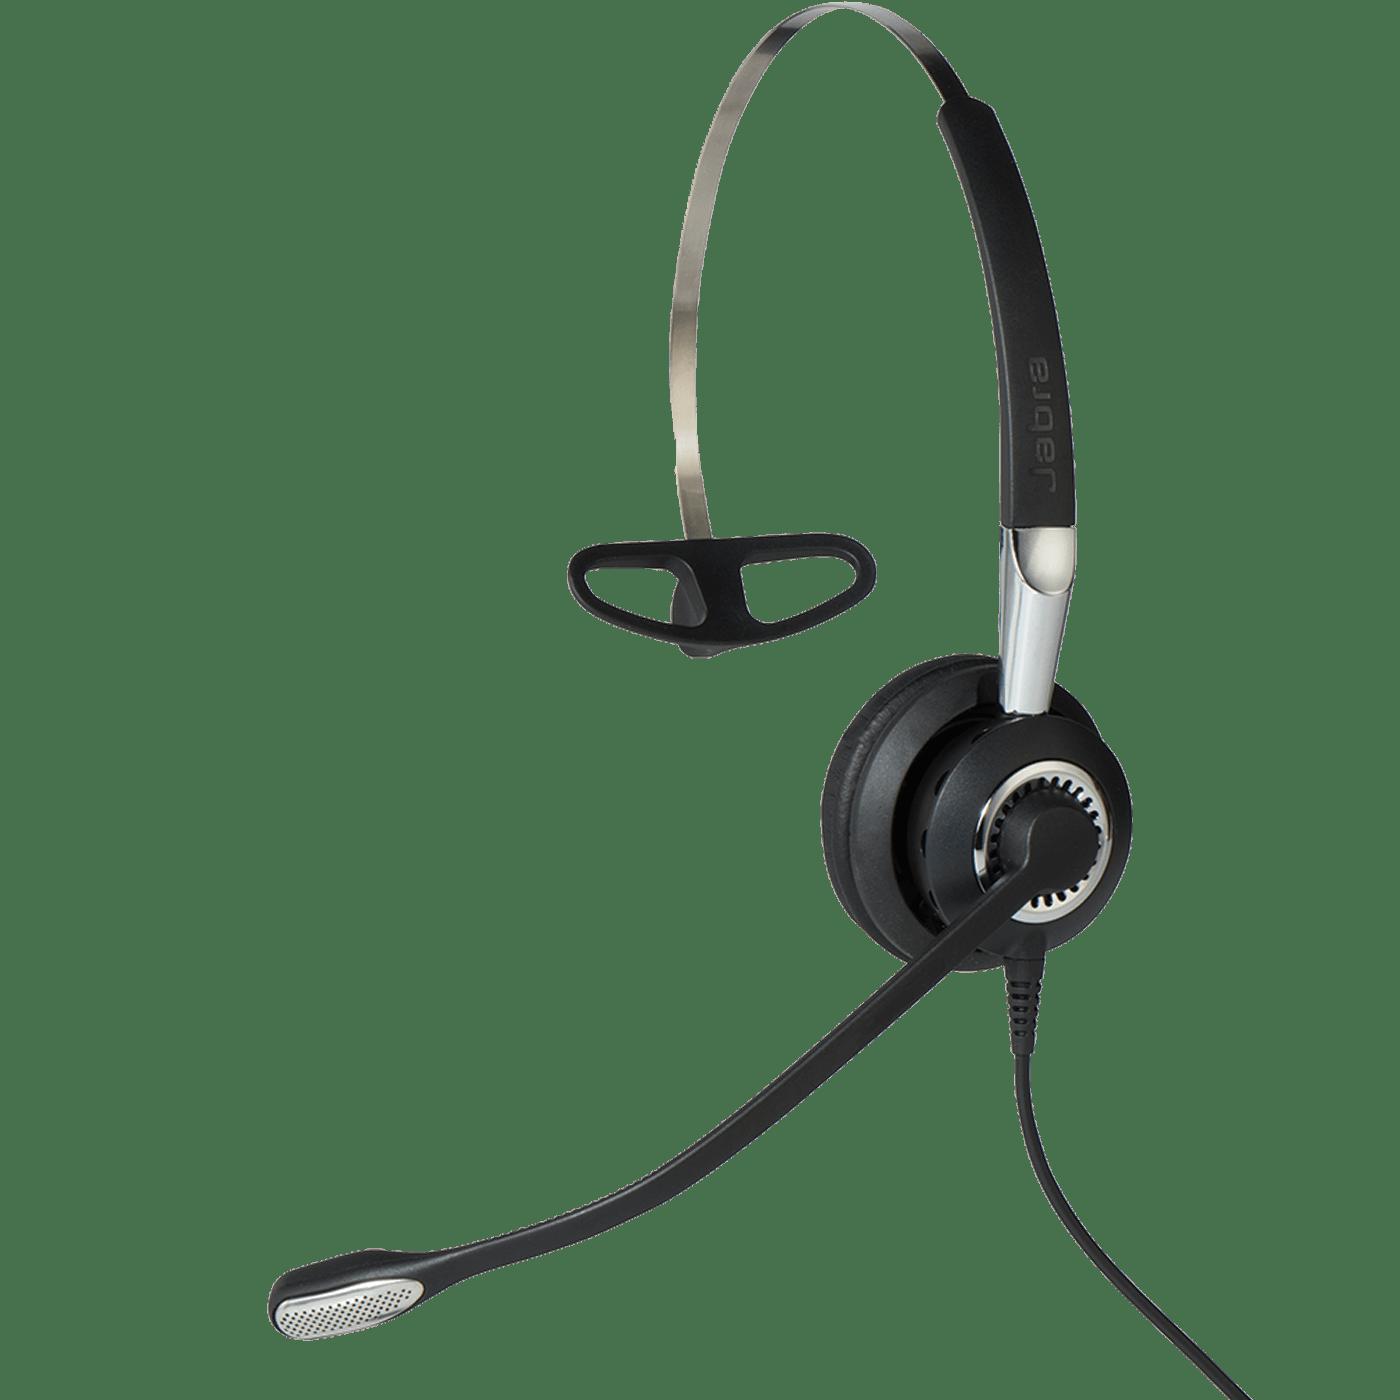 Jabra Biz 2400 II | Support